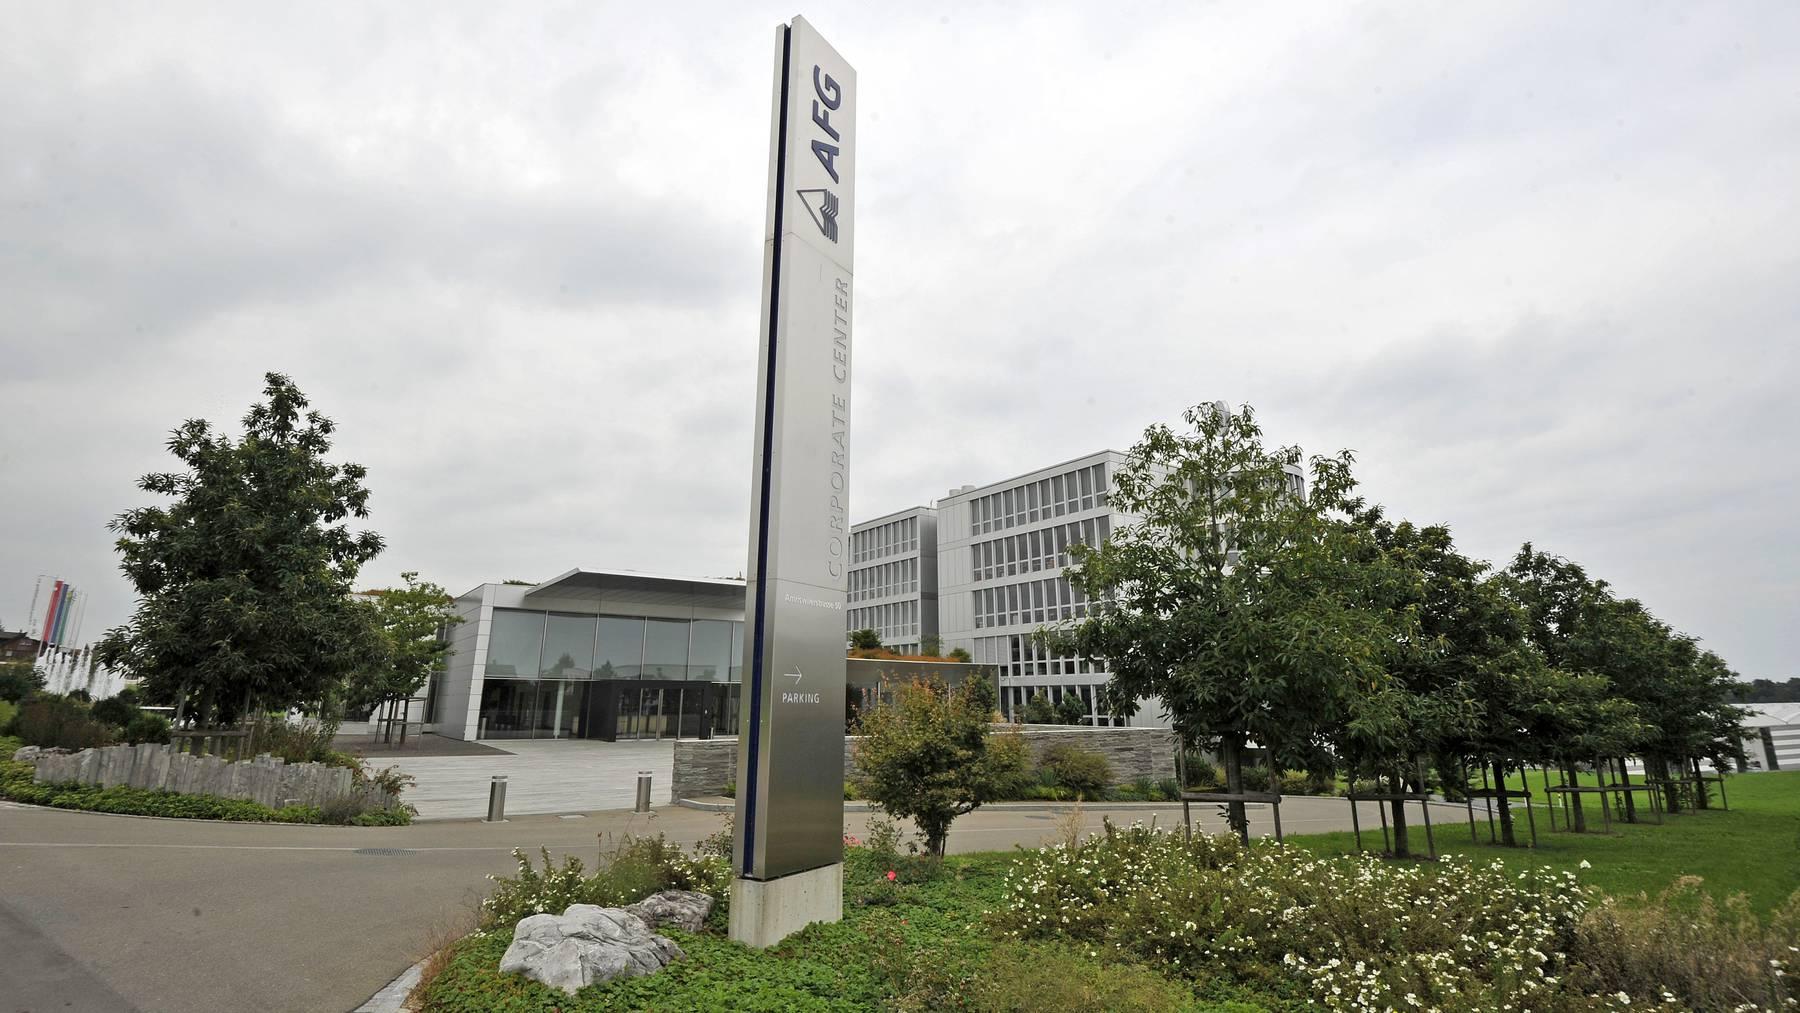 Der Hauptsitz der Arbonia in Arbon.